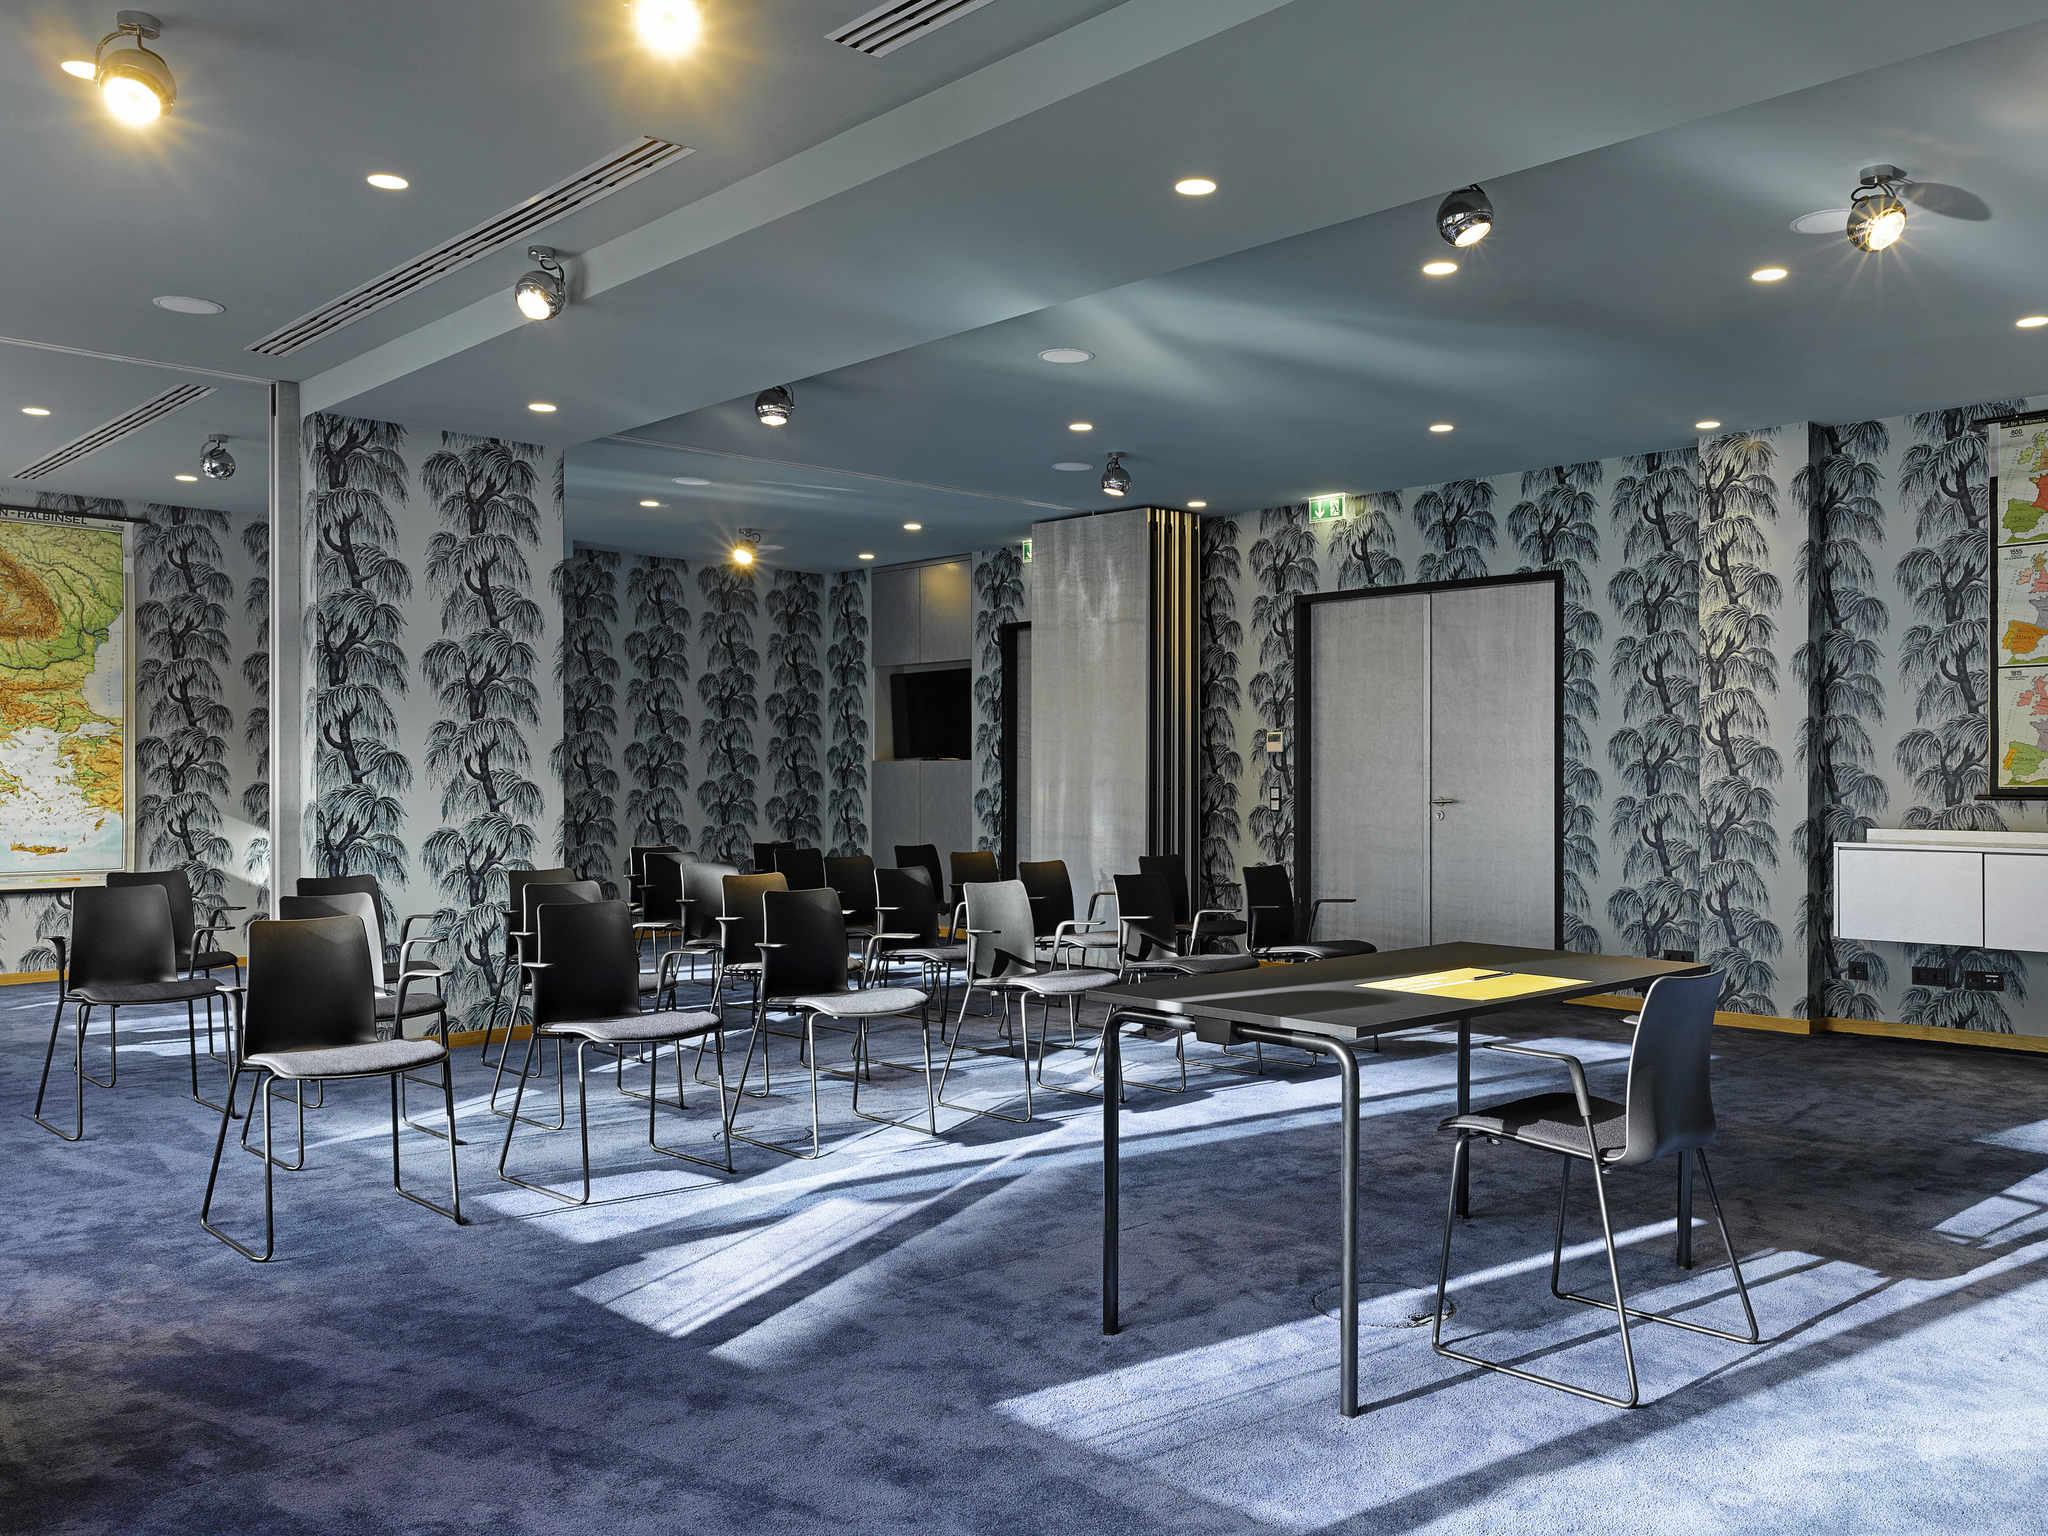 hotel in frankfurt 25hours hotel frankfurt by levi 39 s. Black Bedroom Furniture Sets. Home Design Ideas